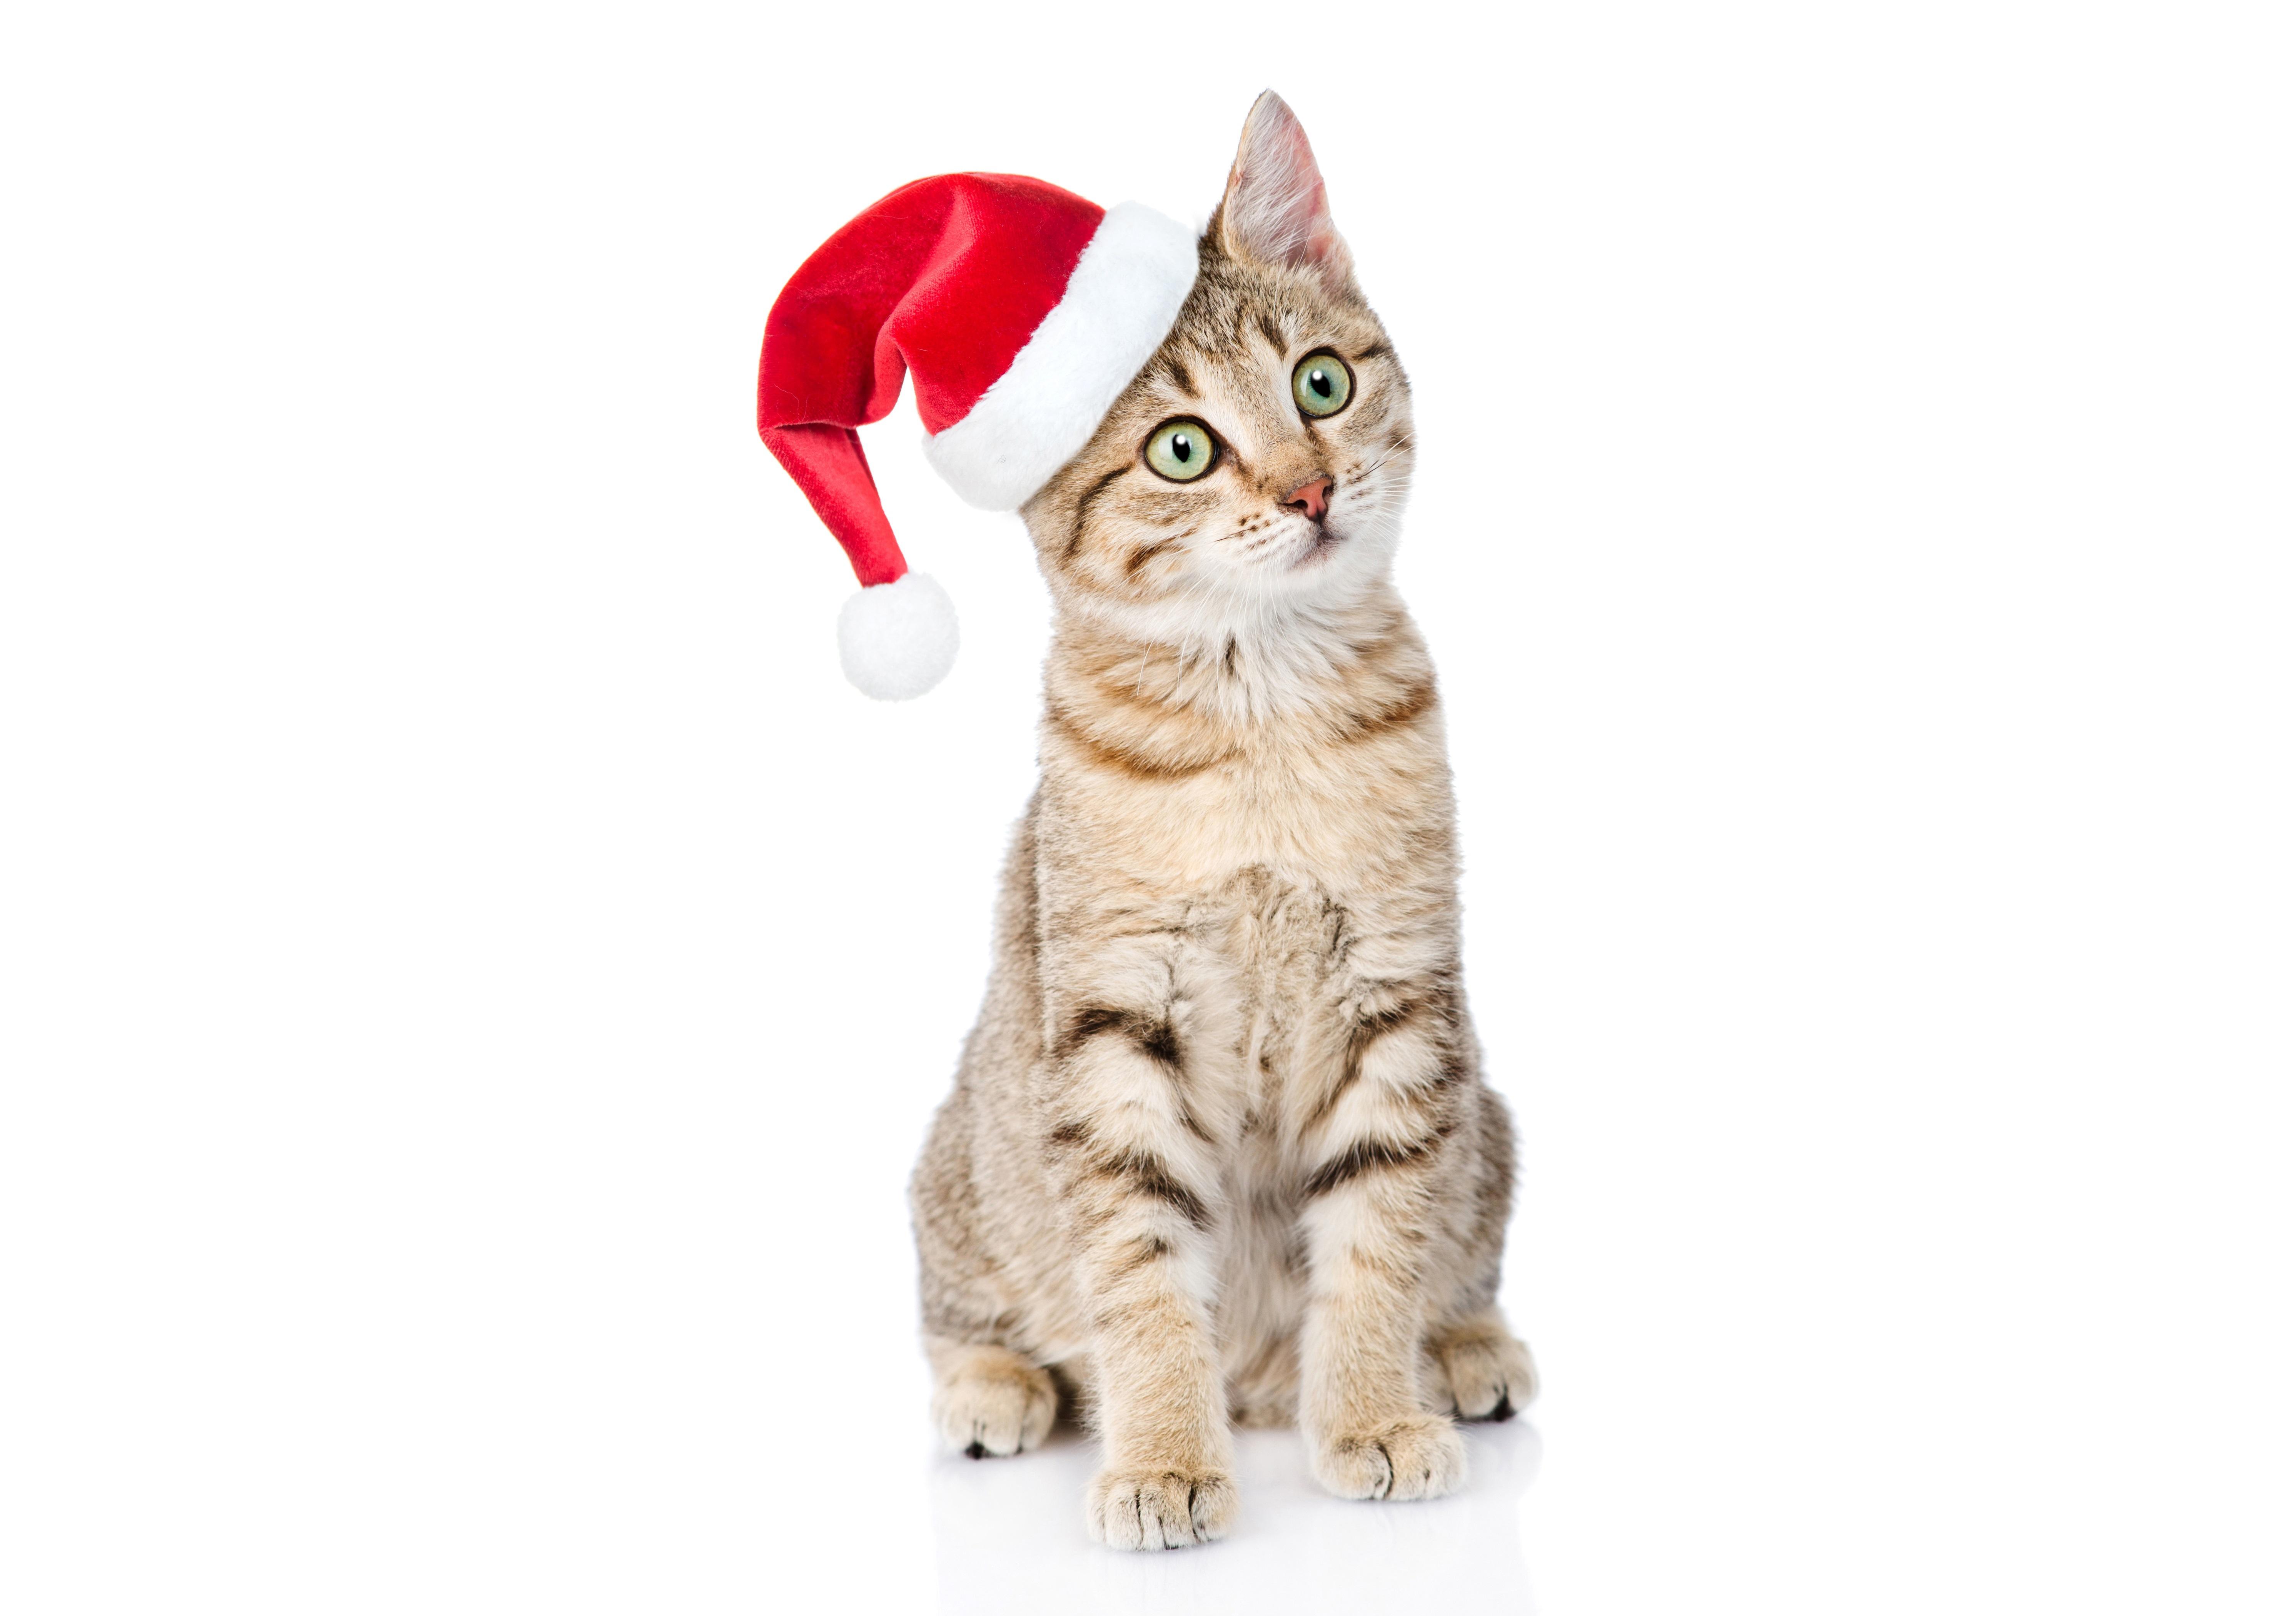 Фото Кошки Новый год в шапке Сидит смотрит животное белым фоном 5968x4200 кот коты кошка Рождество Шапки шапка сидя сидящие Взгляд смотрят Животные Белый фон белом фоне